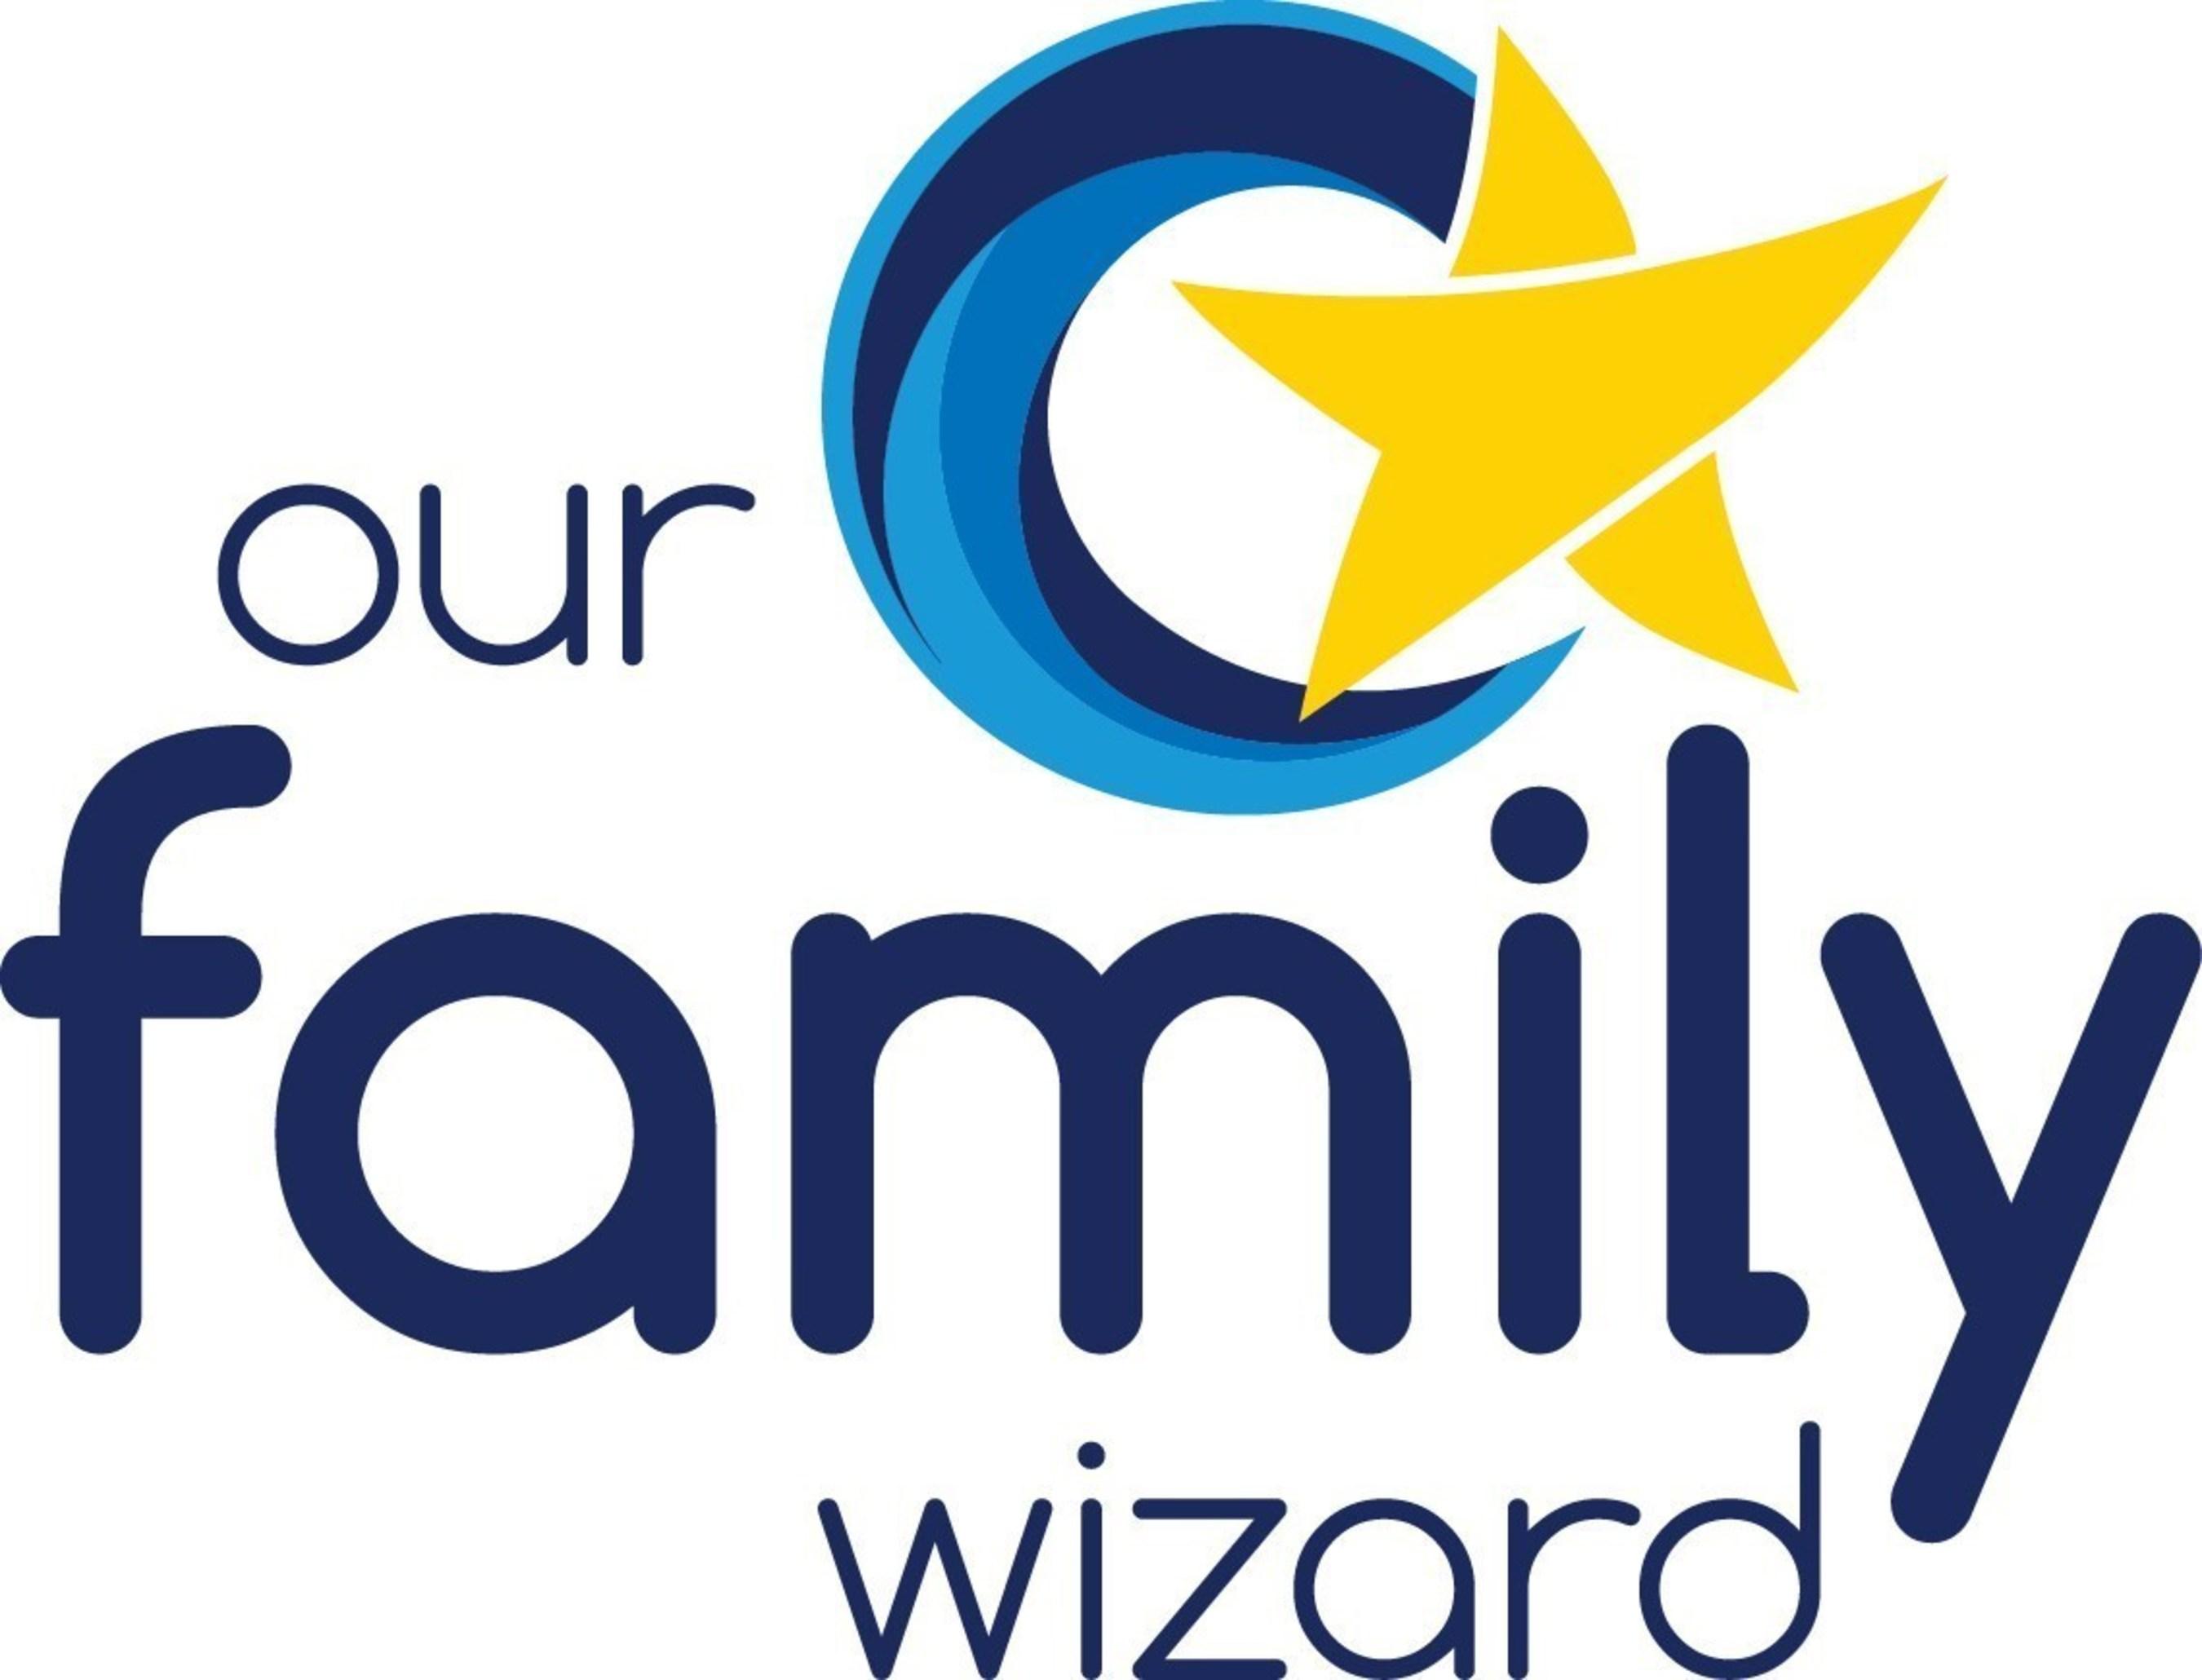 Our family wizard com